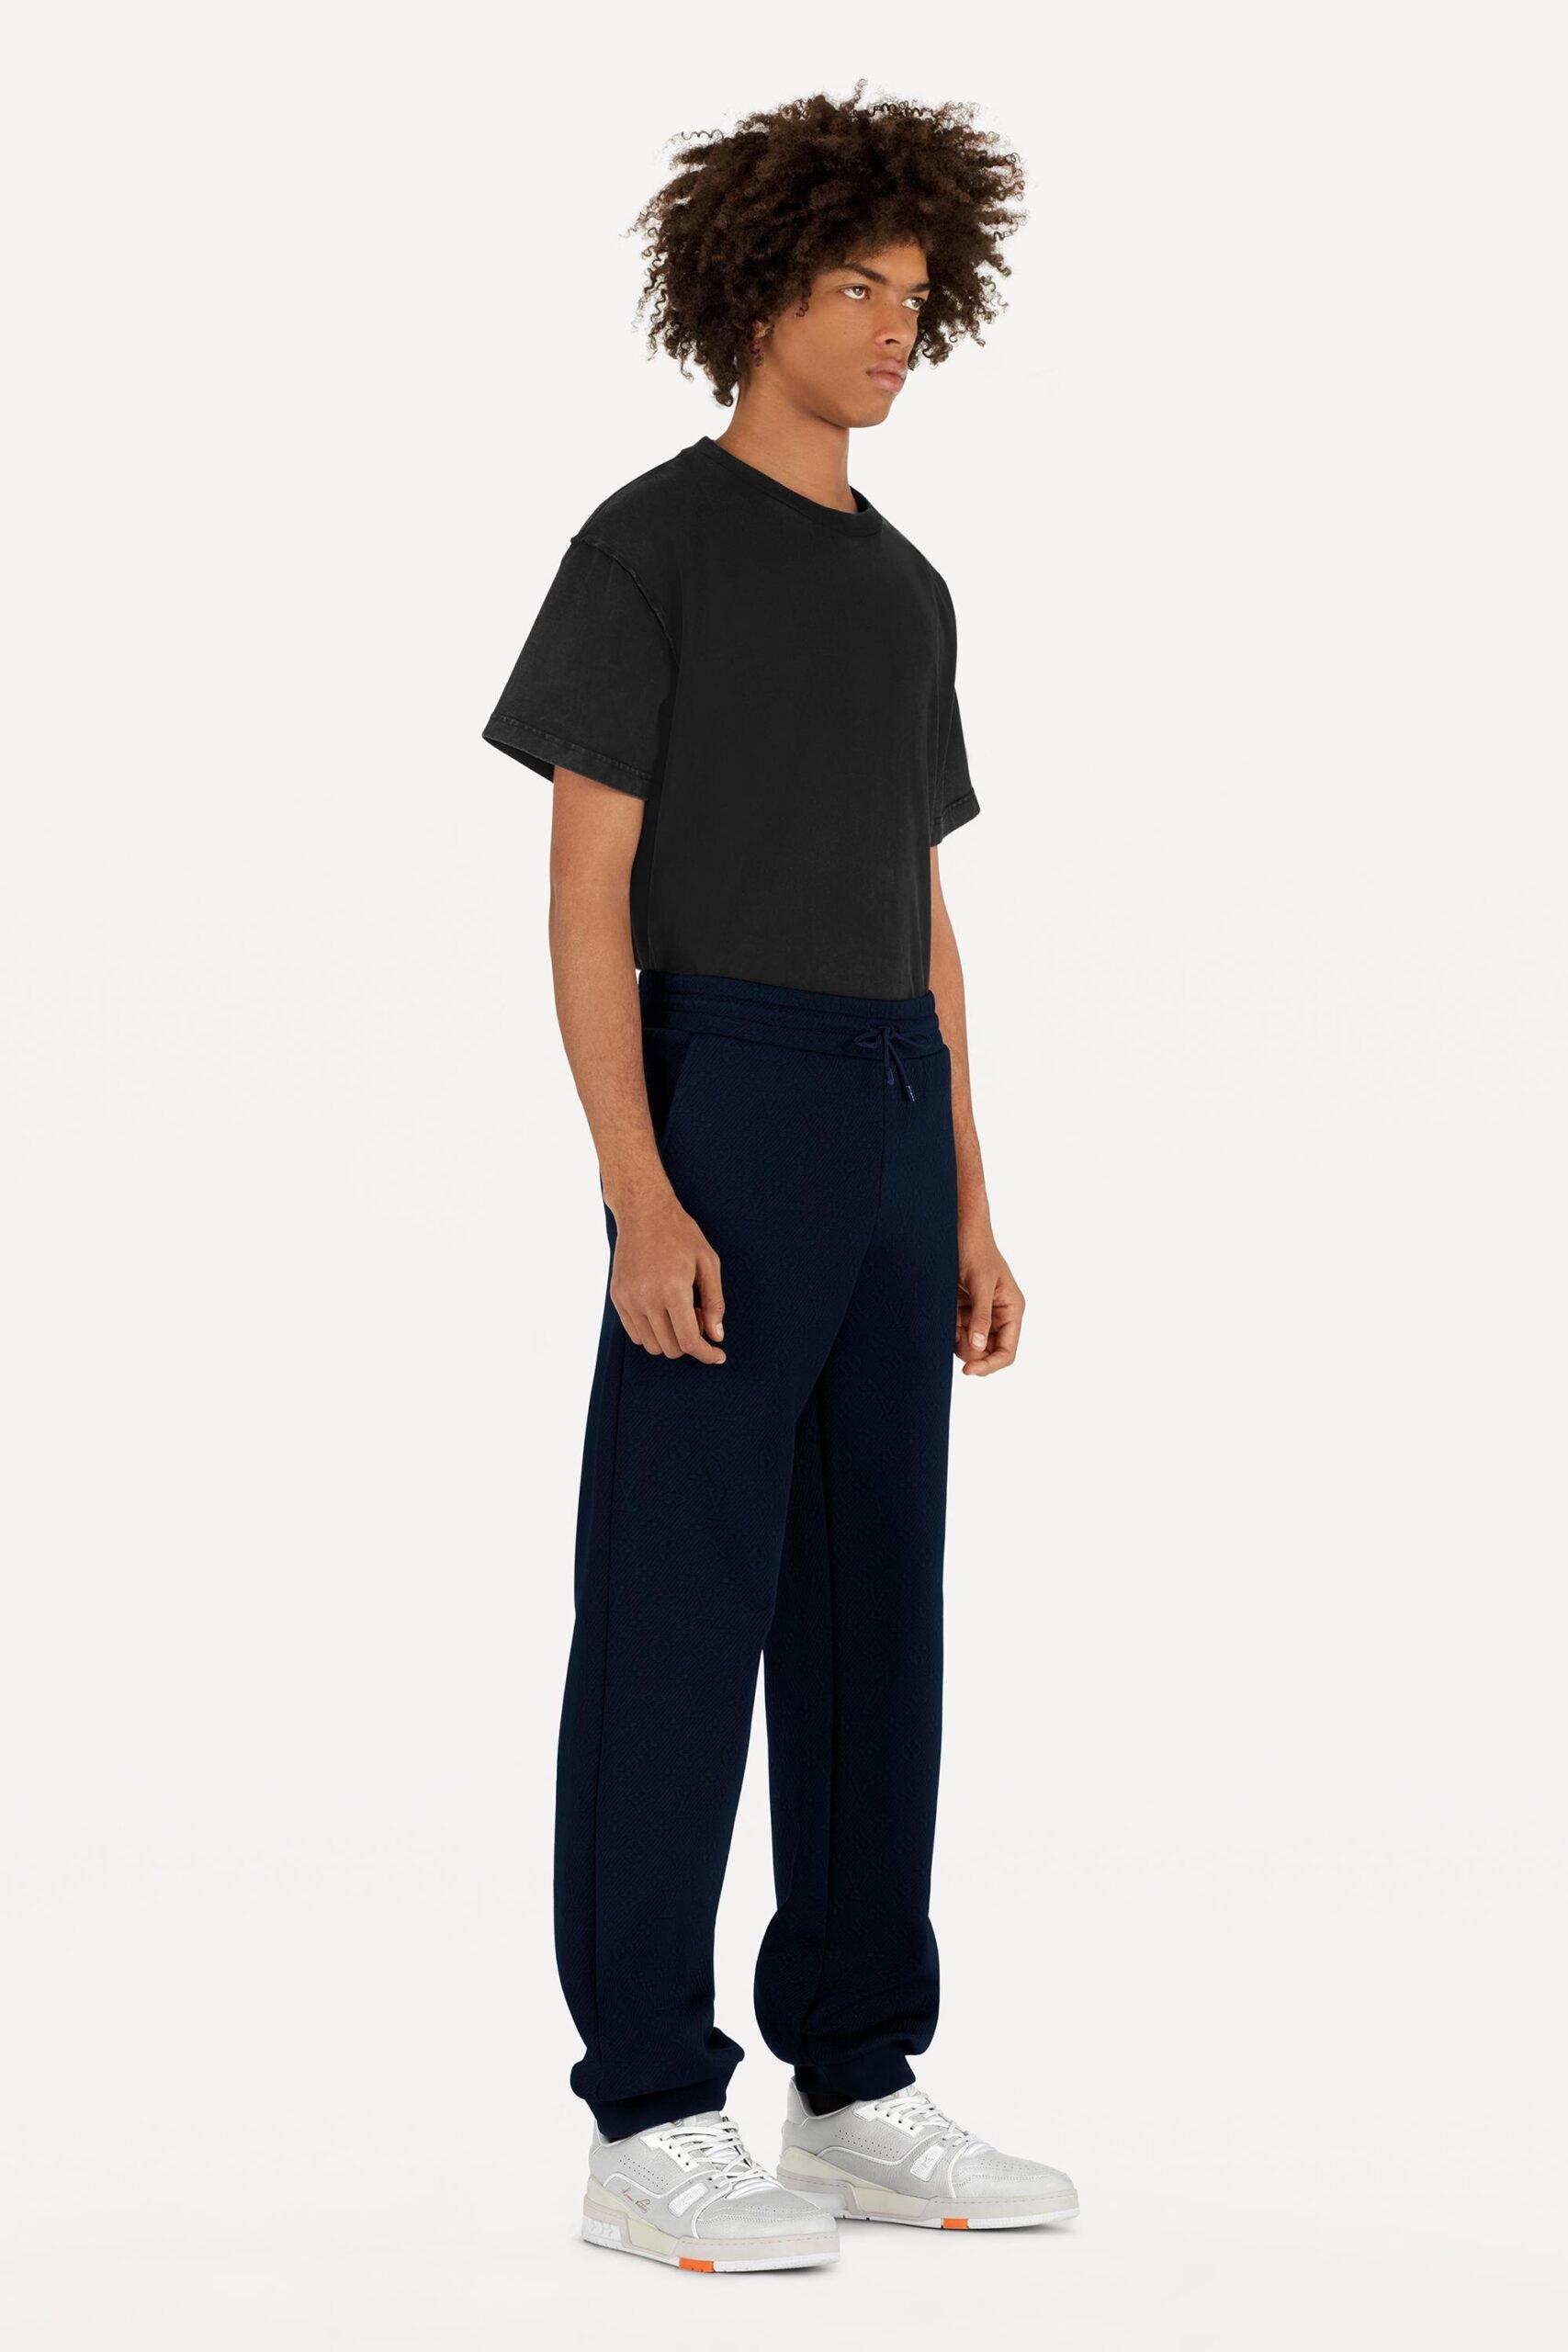 Track_Pants_10_-_Louis_Vuitton